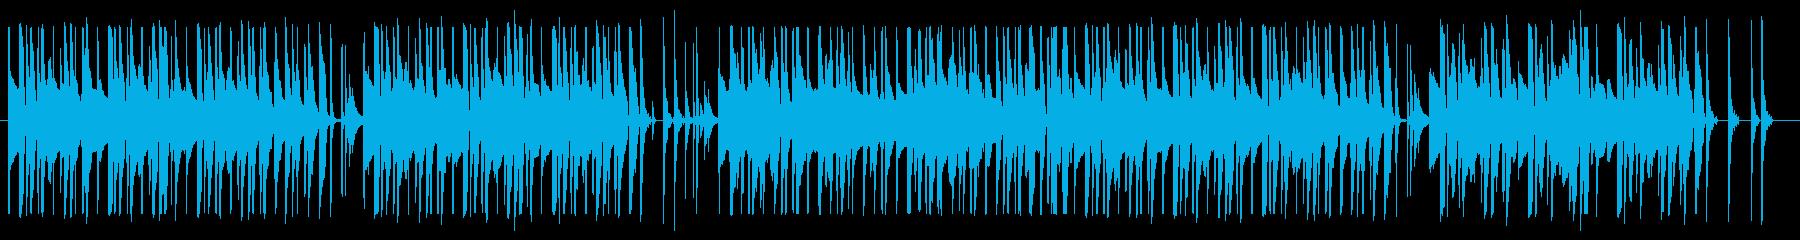 ほのぼのした口笛ソングの再生済みの波形